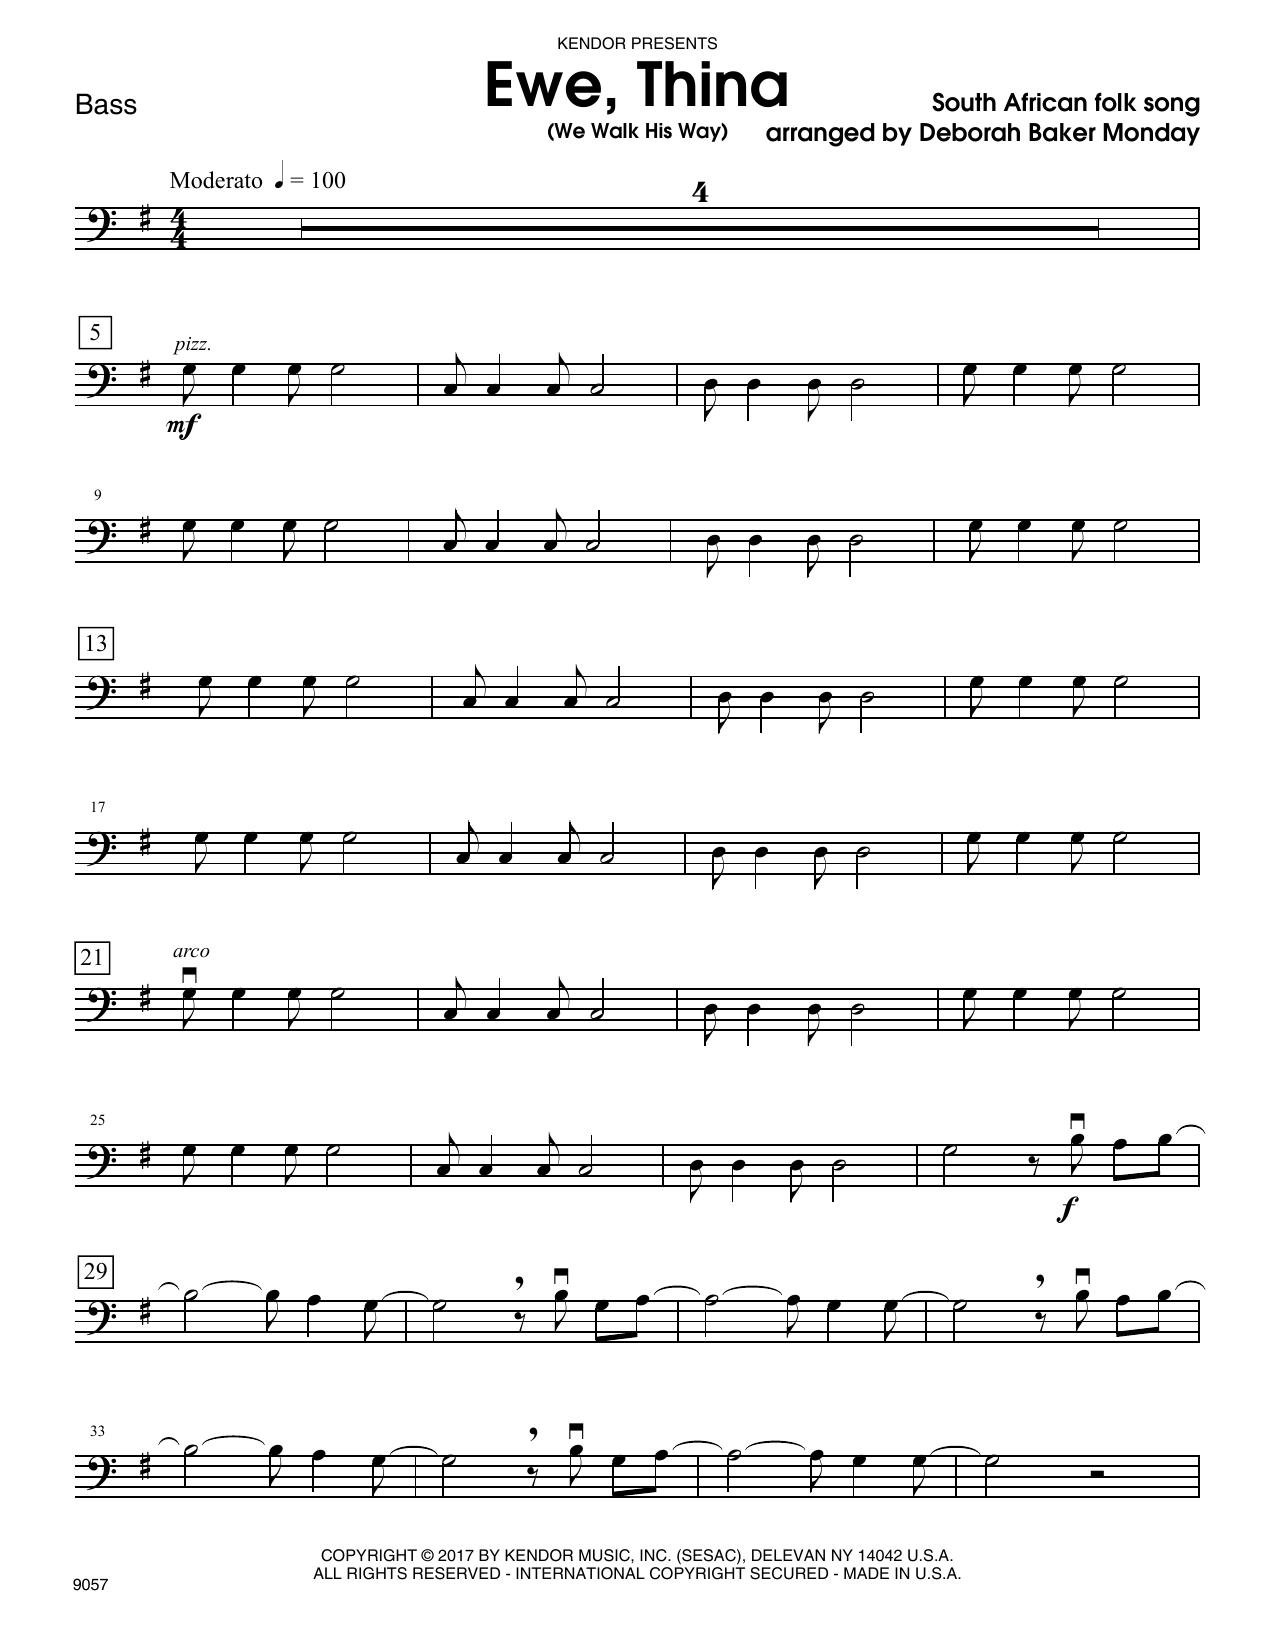 Ewe, Thina (We Walk His Way) - Bass